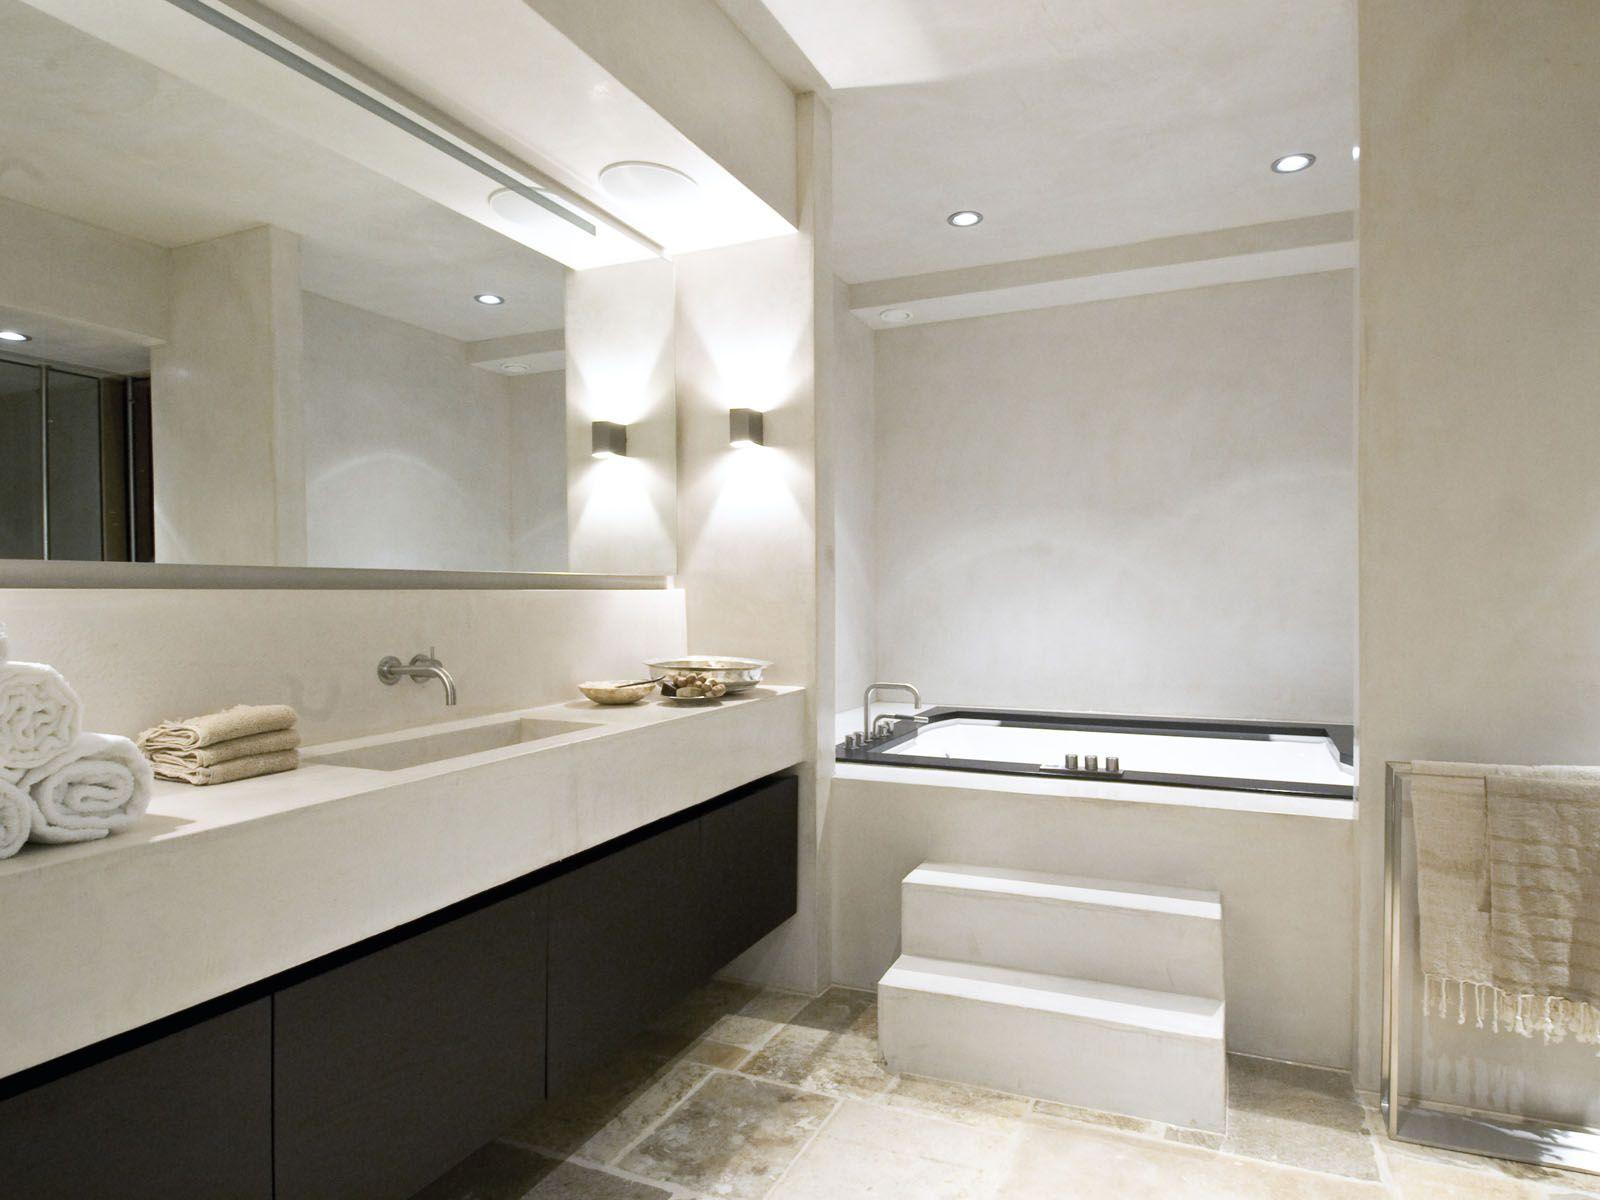 Meubelontwerp makerij & interieur kembra future home ideas